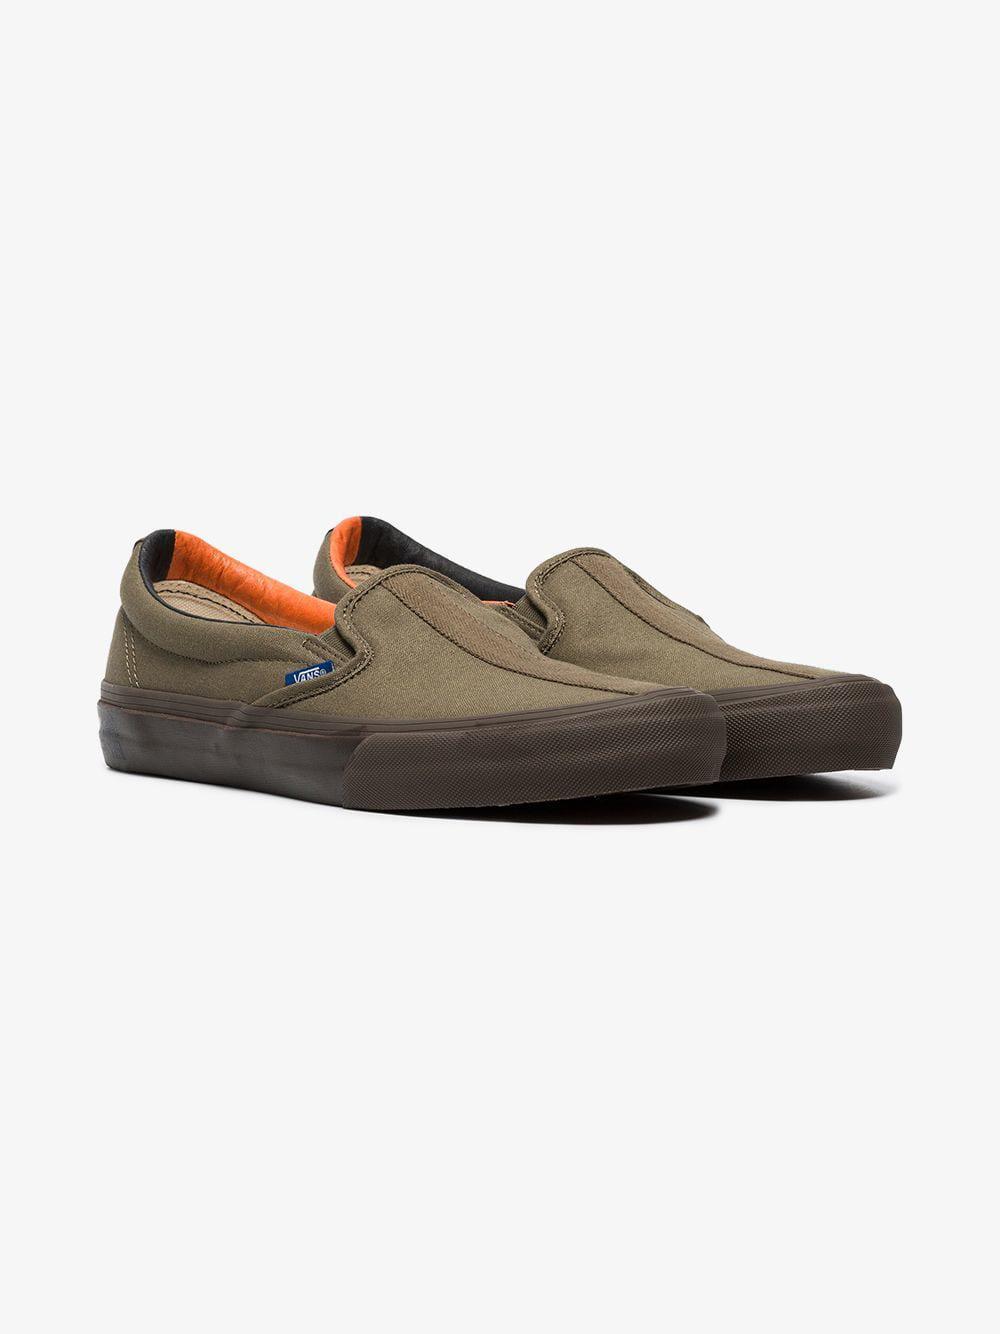 3c9f93e26b Vans - Multicolor Green Vault Cotton Slip On Sneakers for Men - Lyst. View  fullscreen